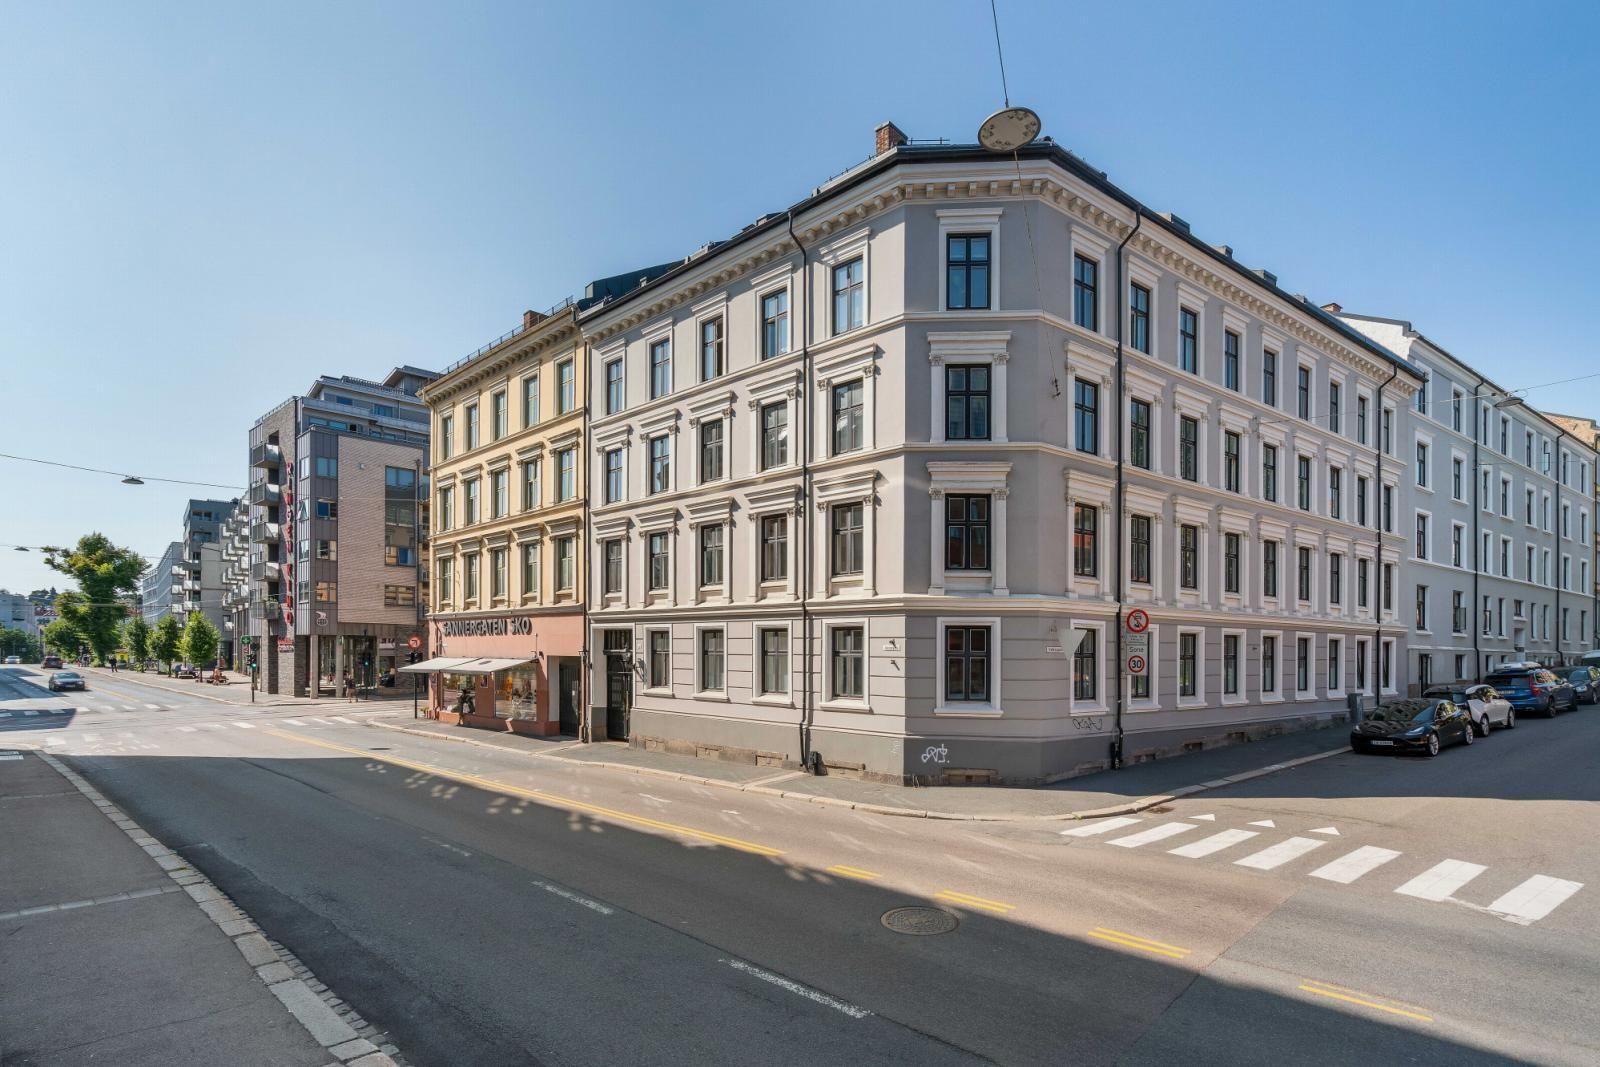 Sannergata 10 Fasade